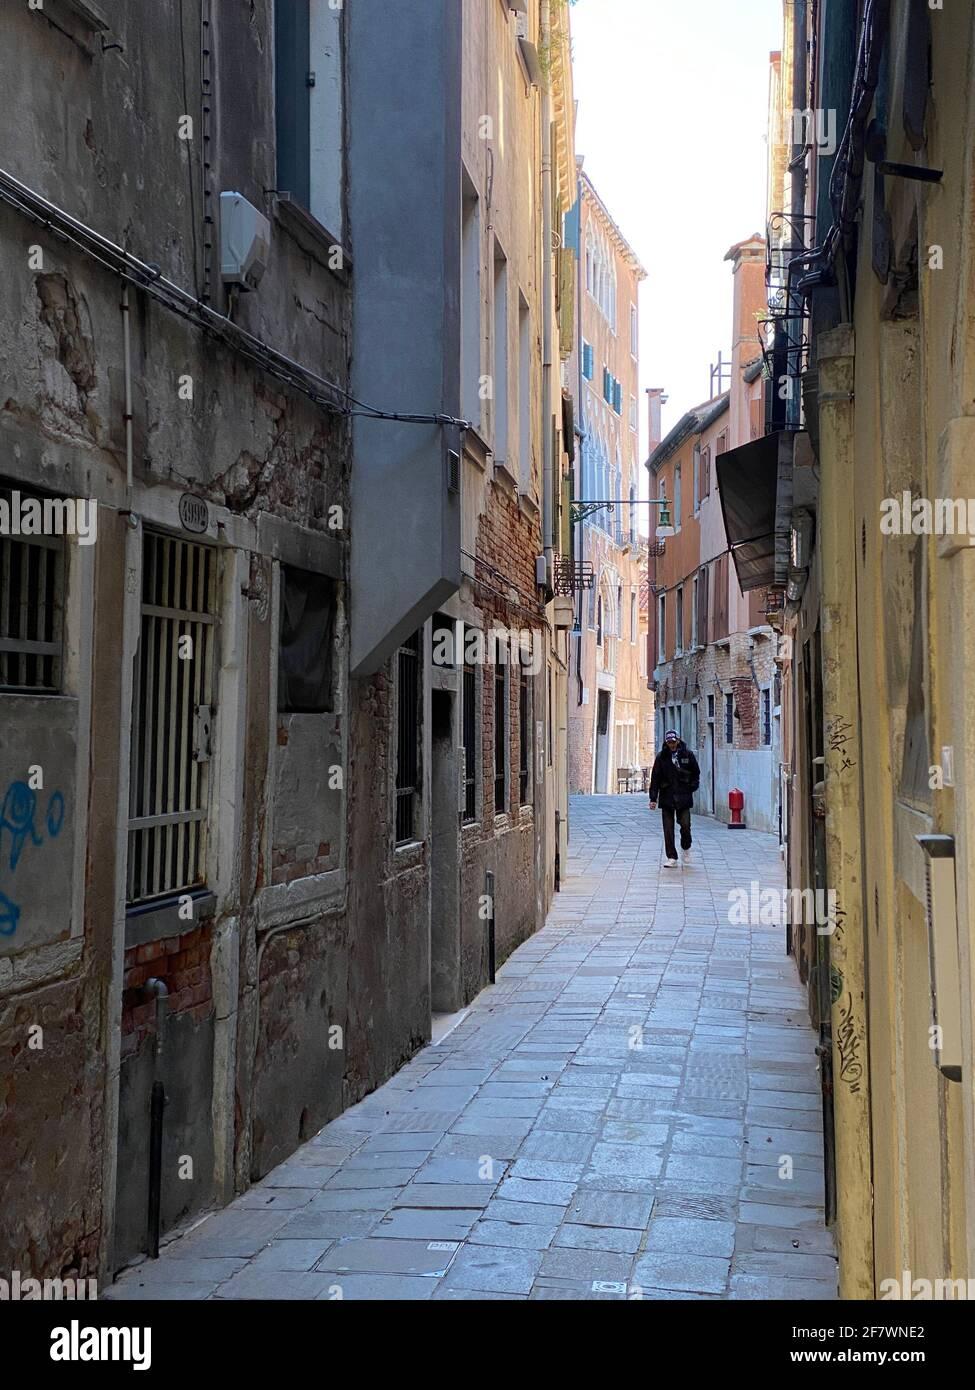 Kleine Straße in Venedig ohne Menschen während der Krise COVID-19, Italien Stockfoto